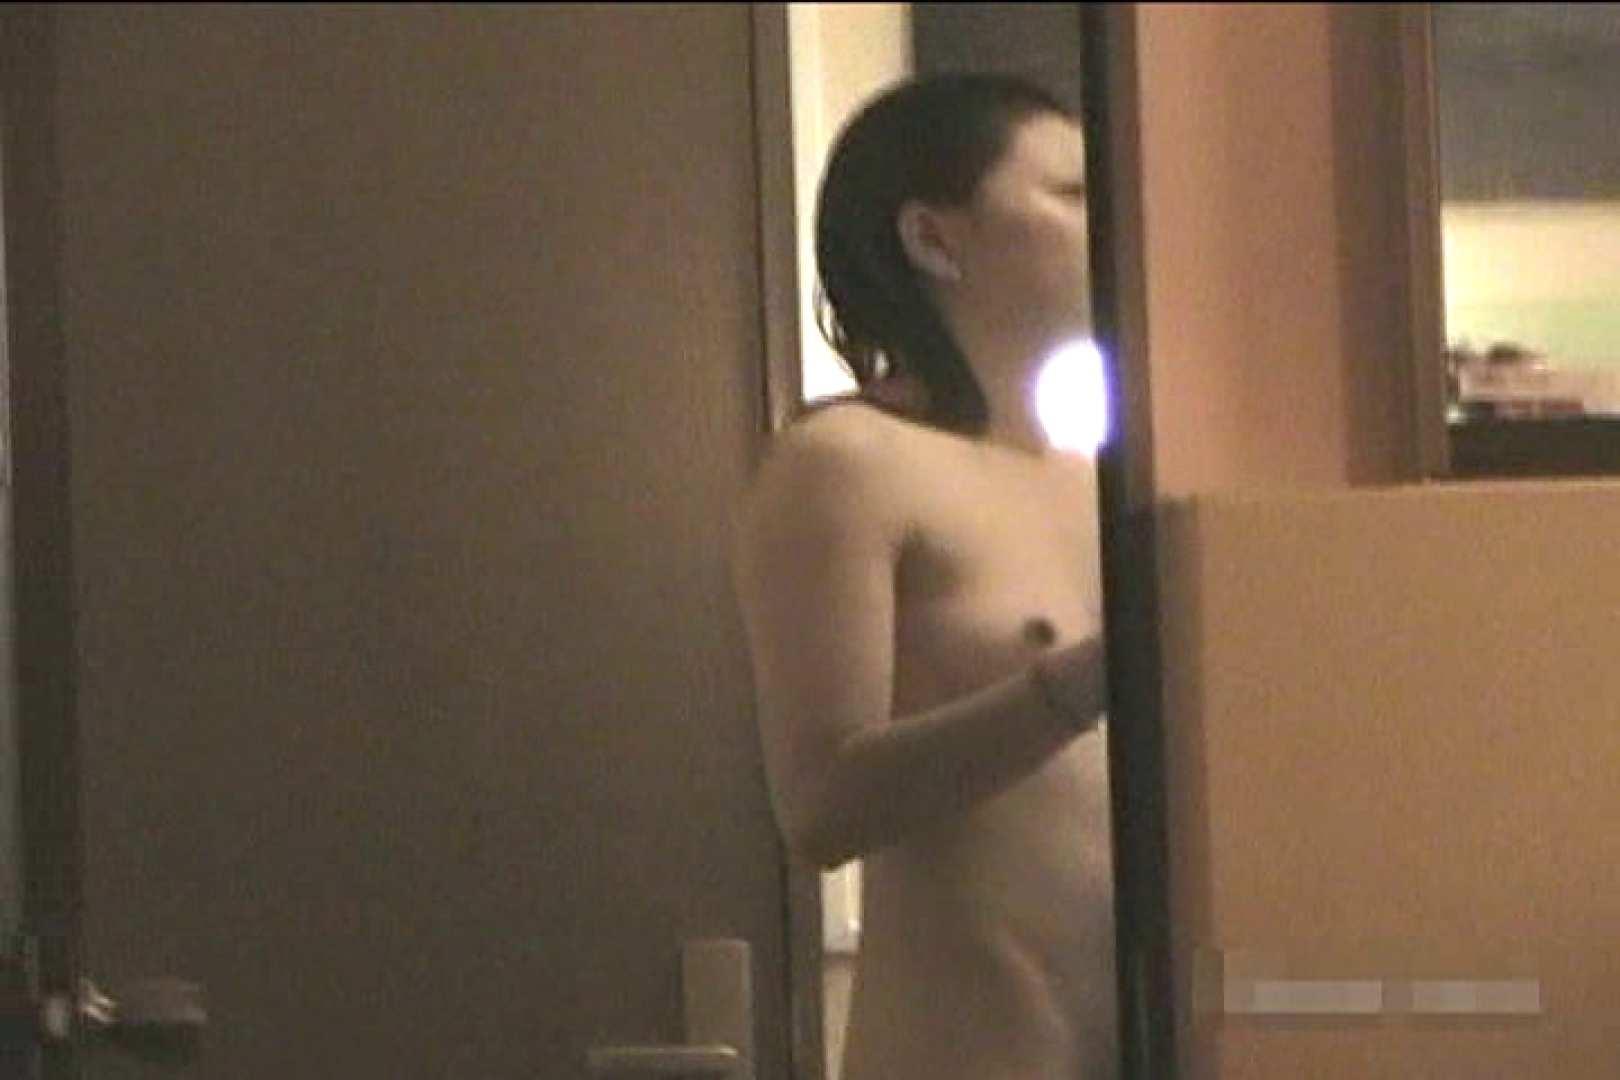 全裸で発情!!家族風呂の実態Vol.1 OLエロ画像 盗撮AV動画キャプチャ 78PICs 62